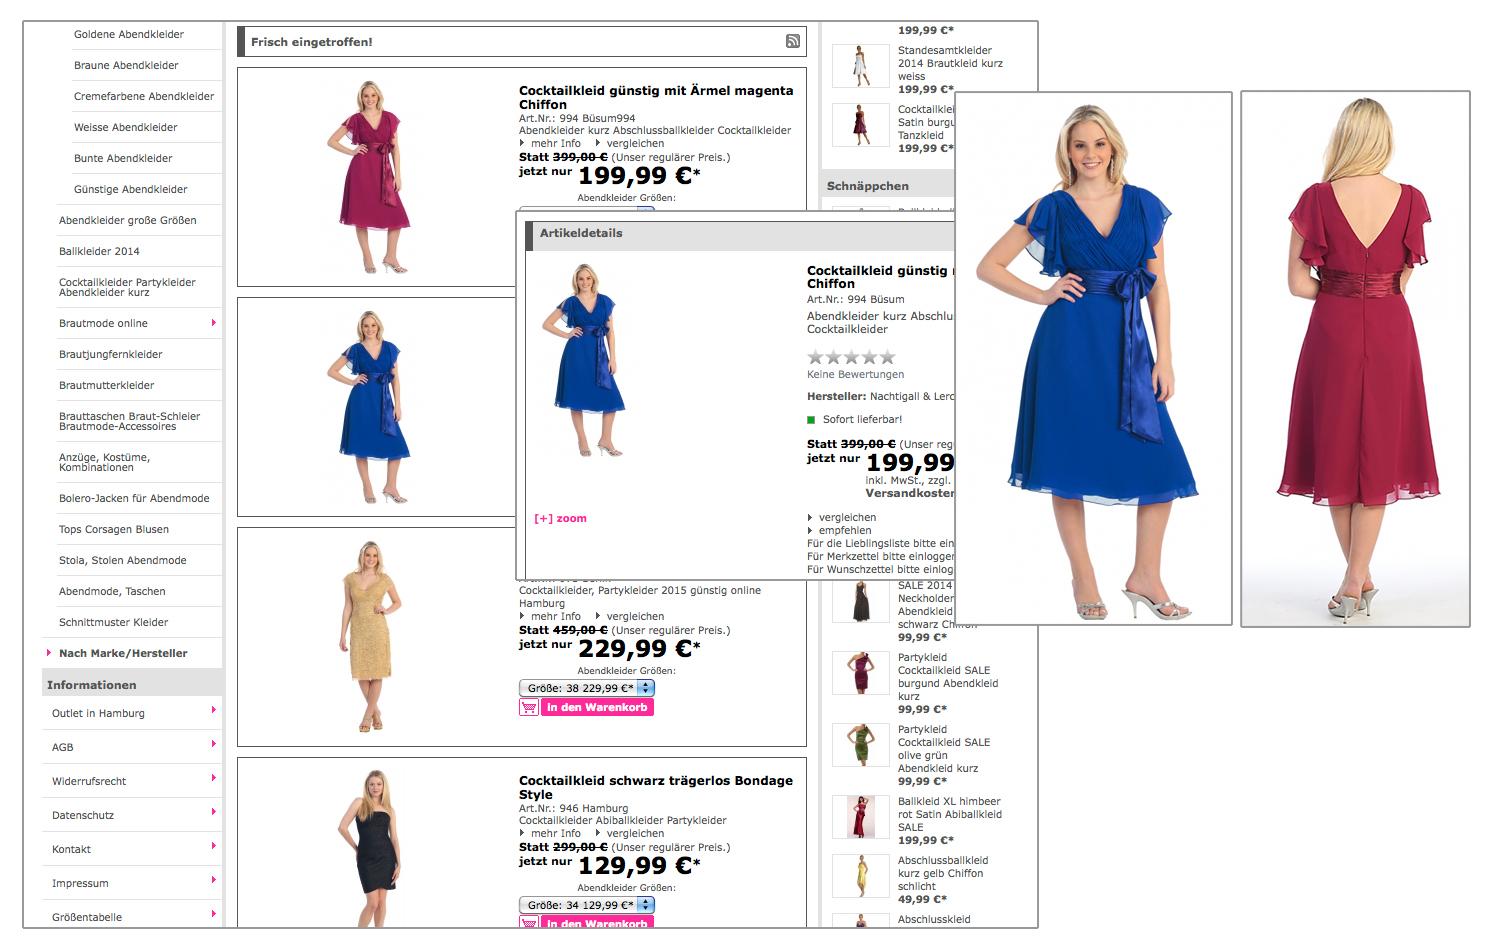 Bestellen im Abendkleider-Online-Shop